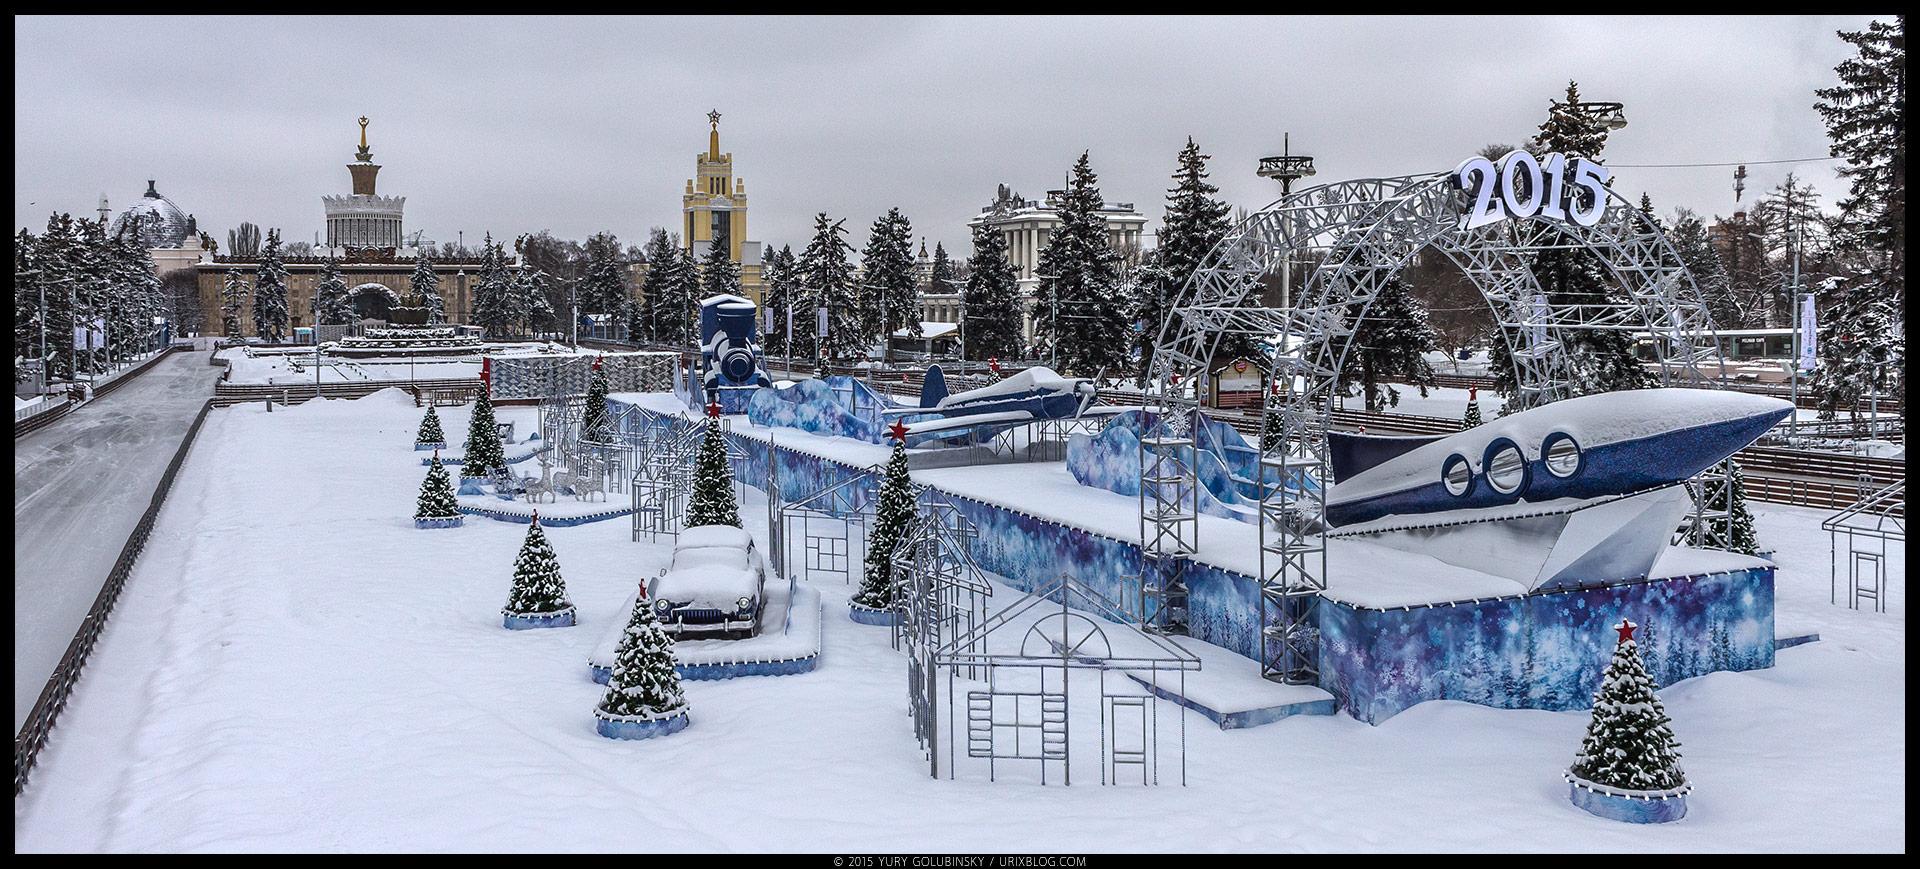 Ледяной каток, ВДХН, парк, лёд, снег, зима, советский стиль, ракета, архитектура, Москва, Россия, январь, панорама, 2015